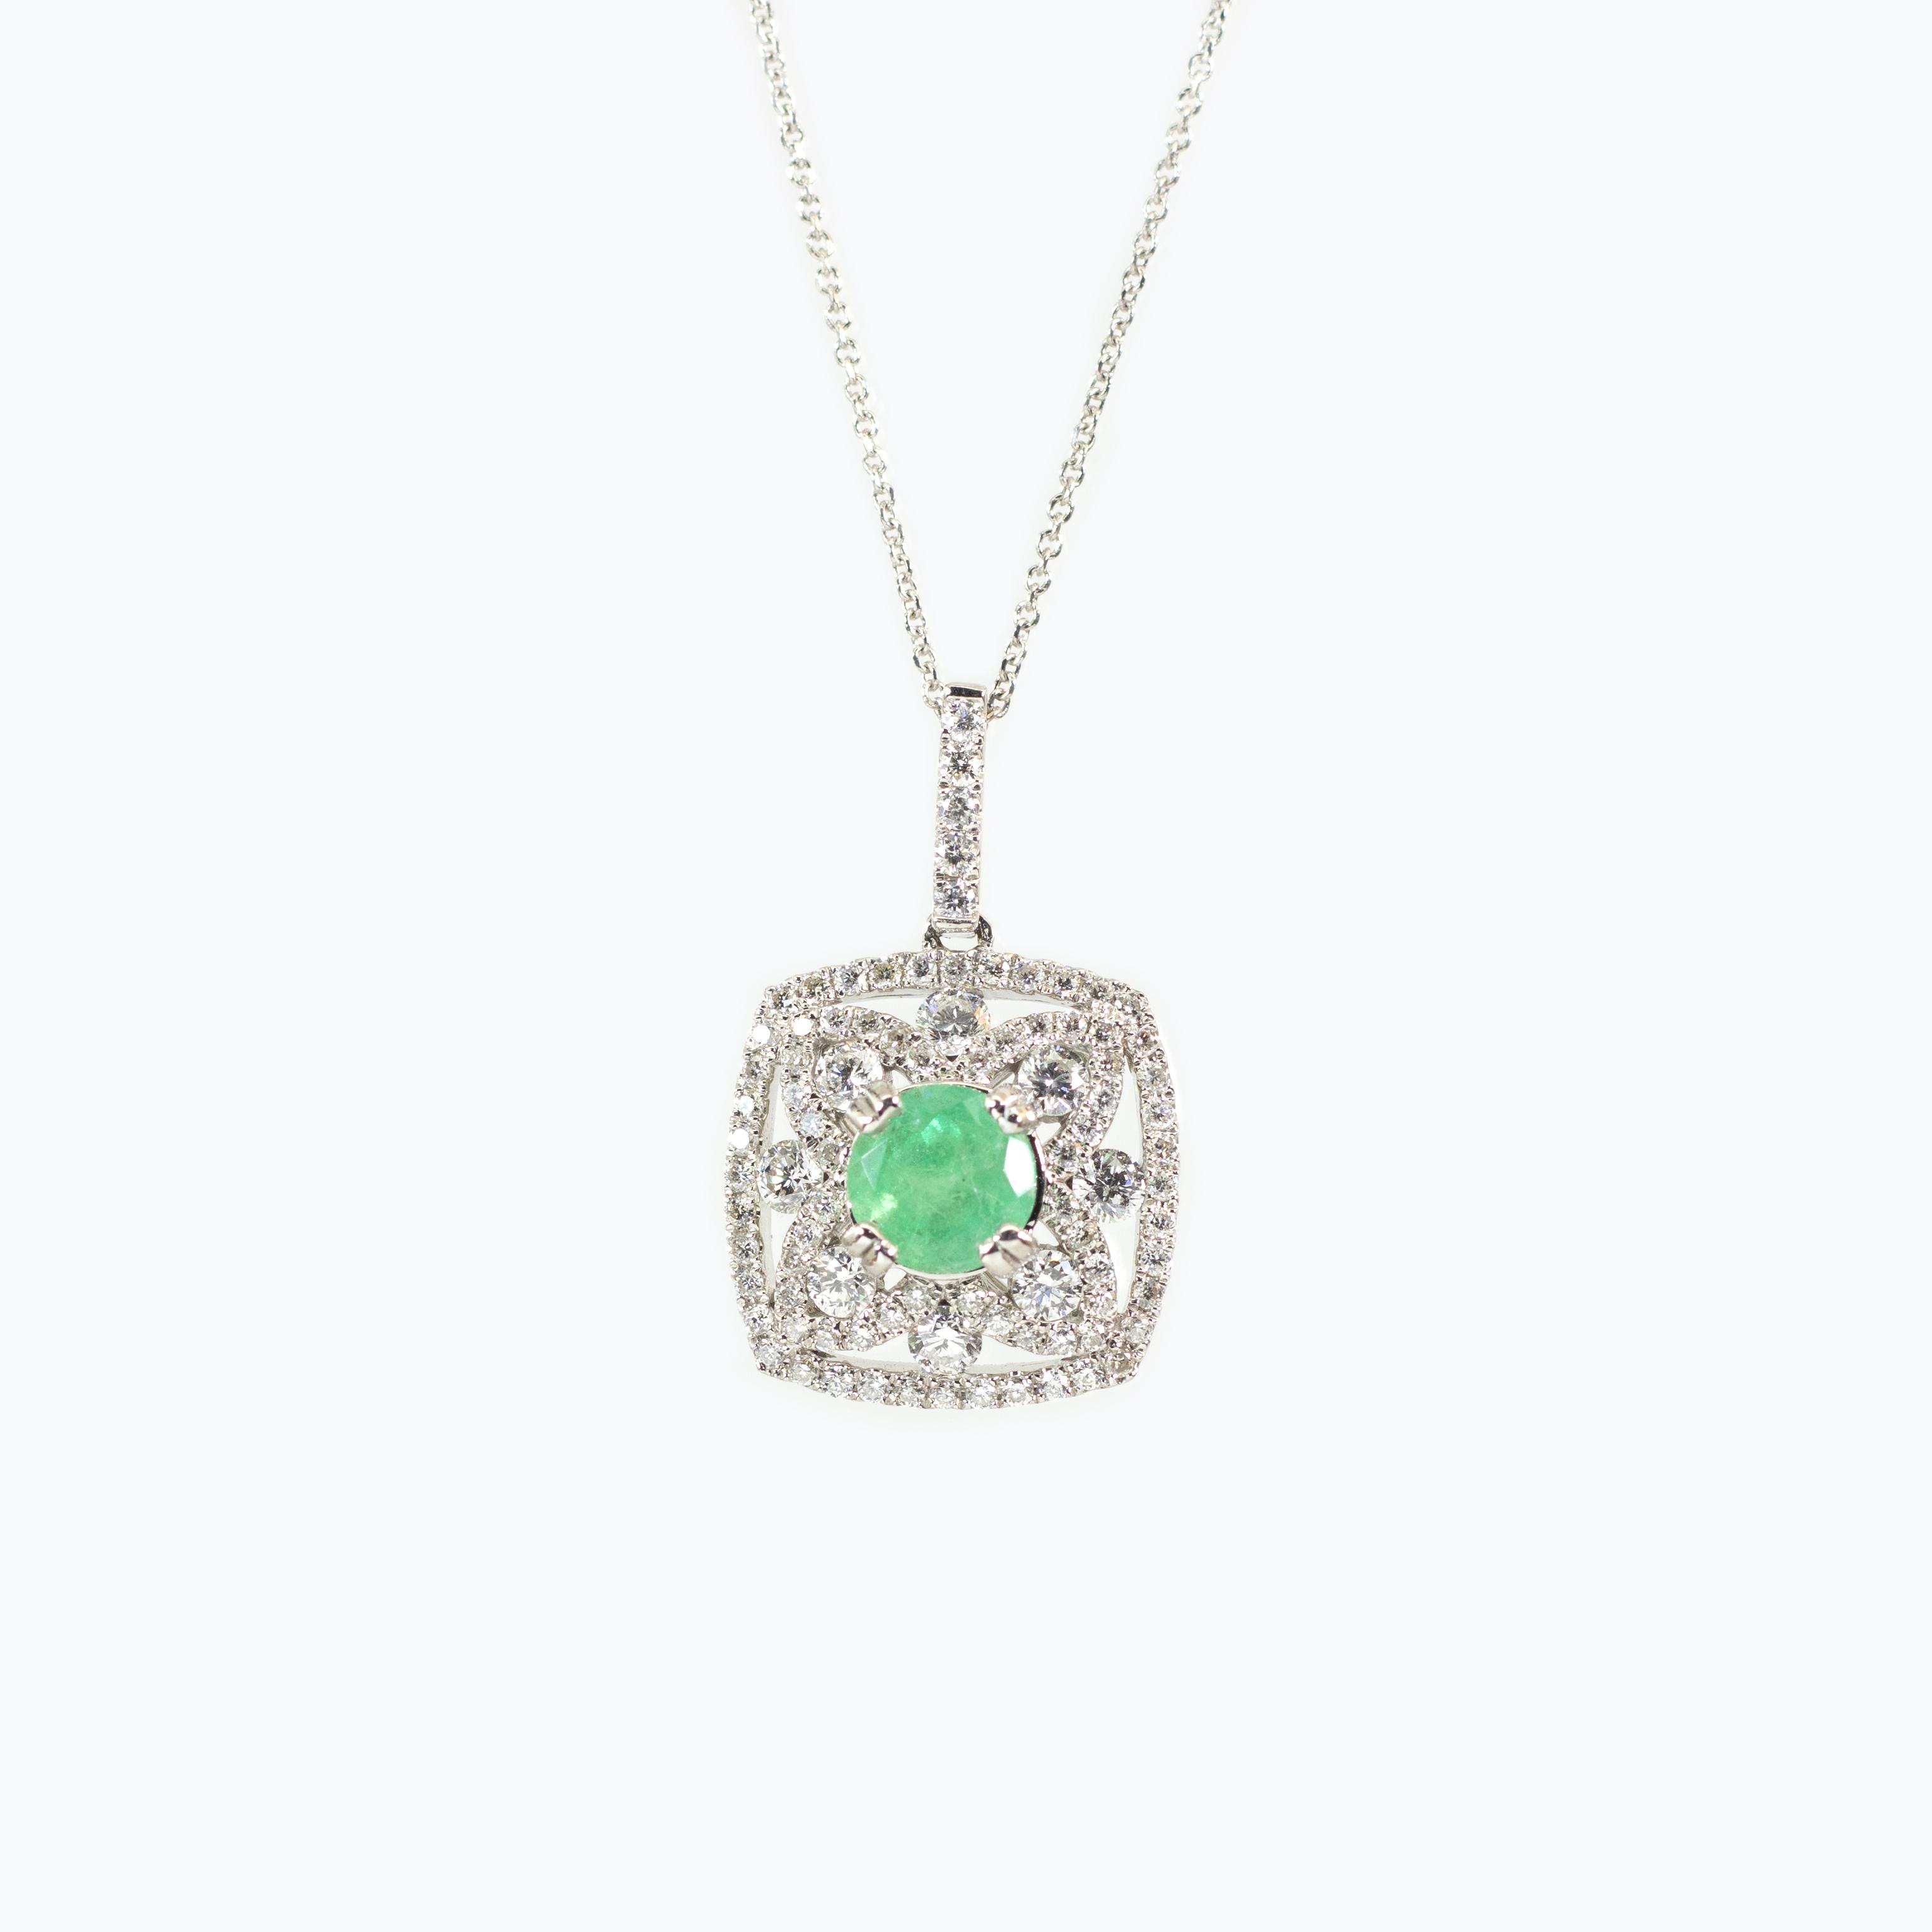 Emerald in Diamond Halo Pendant and Chain